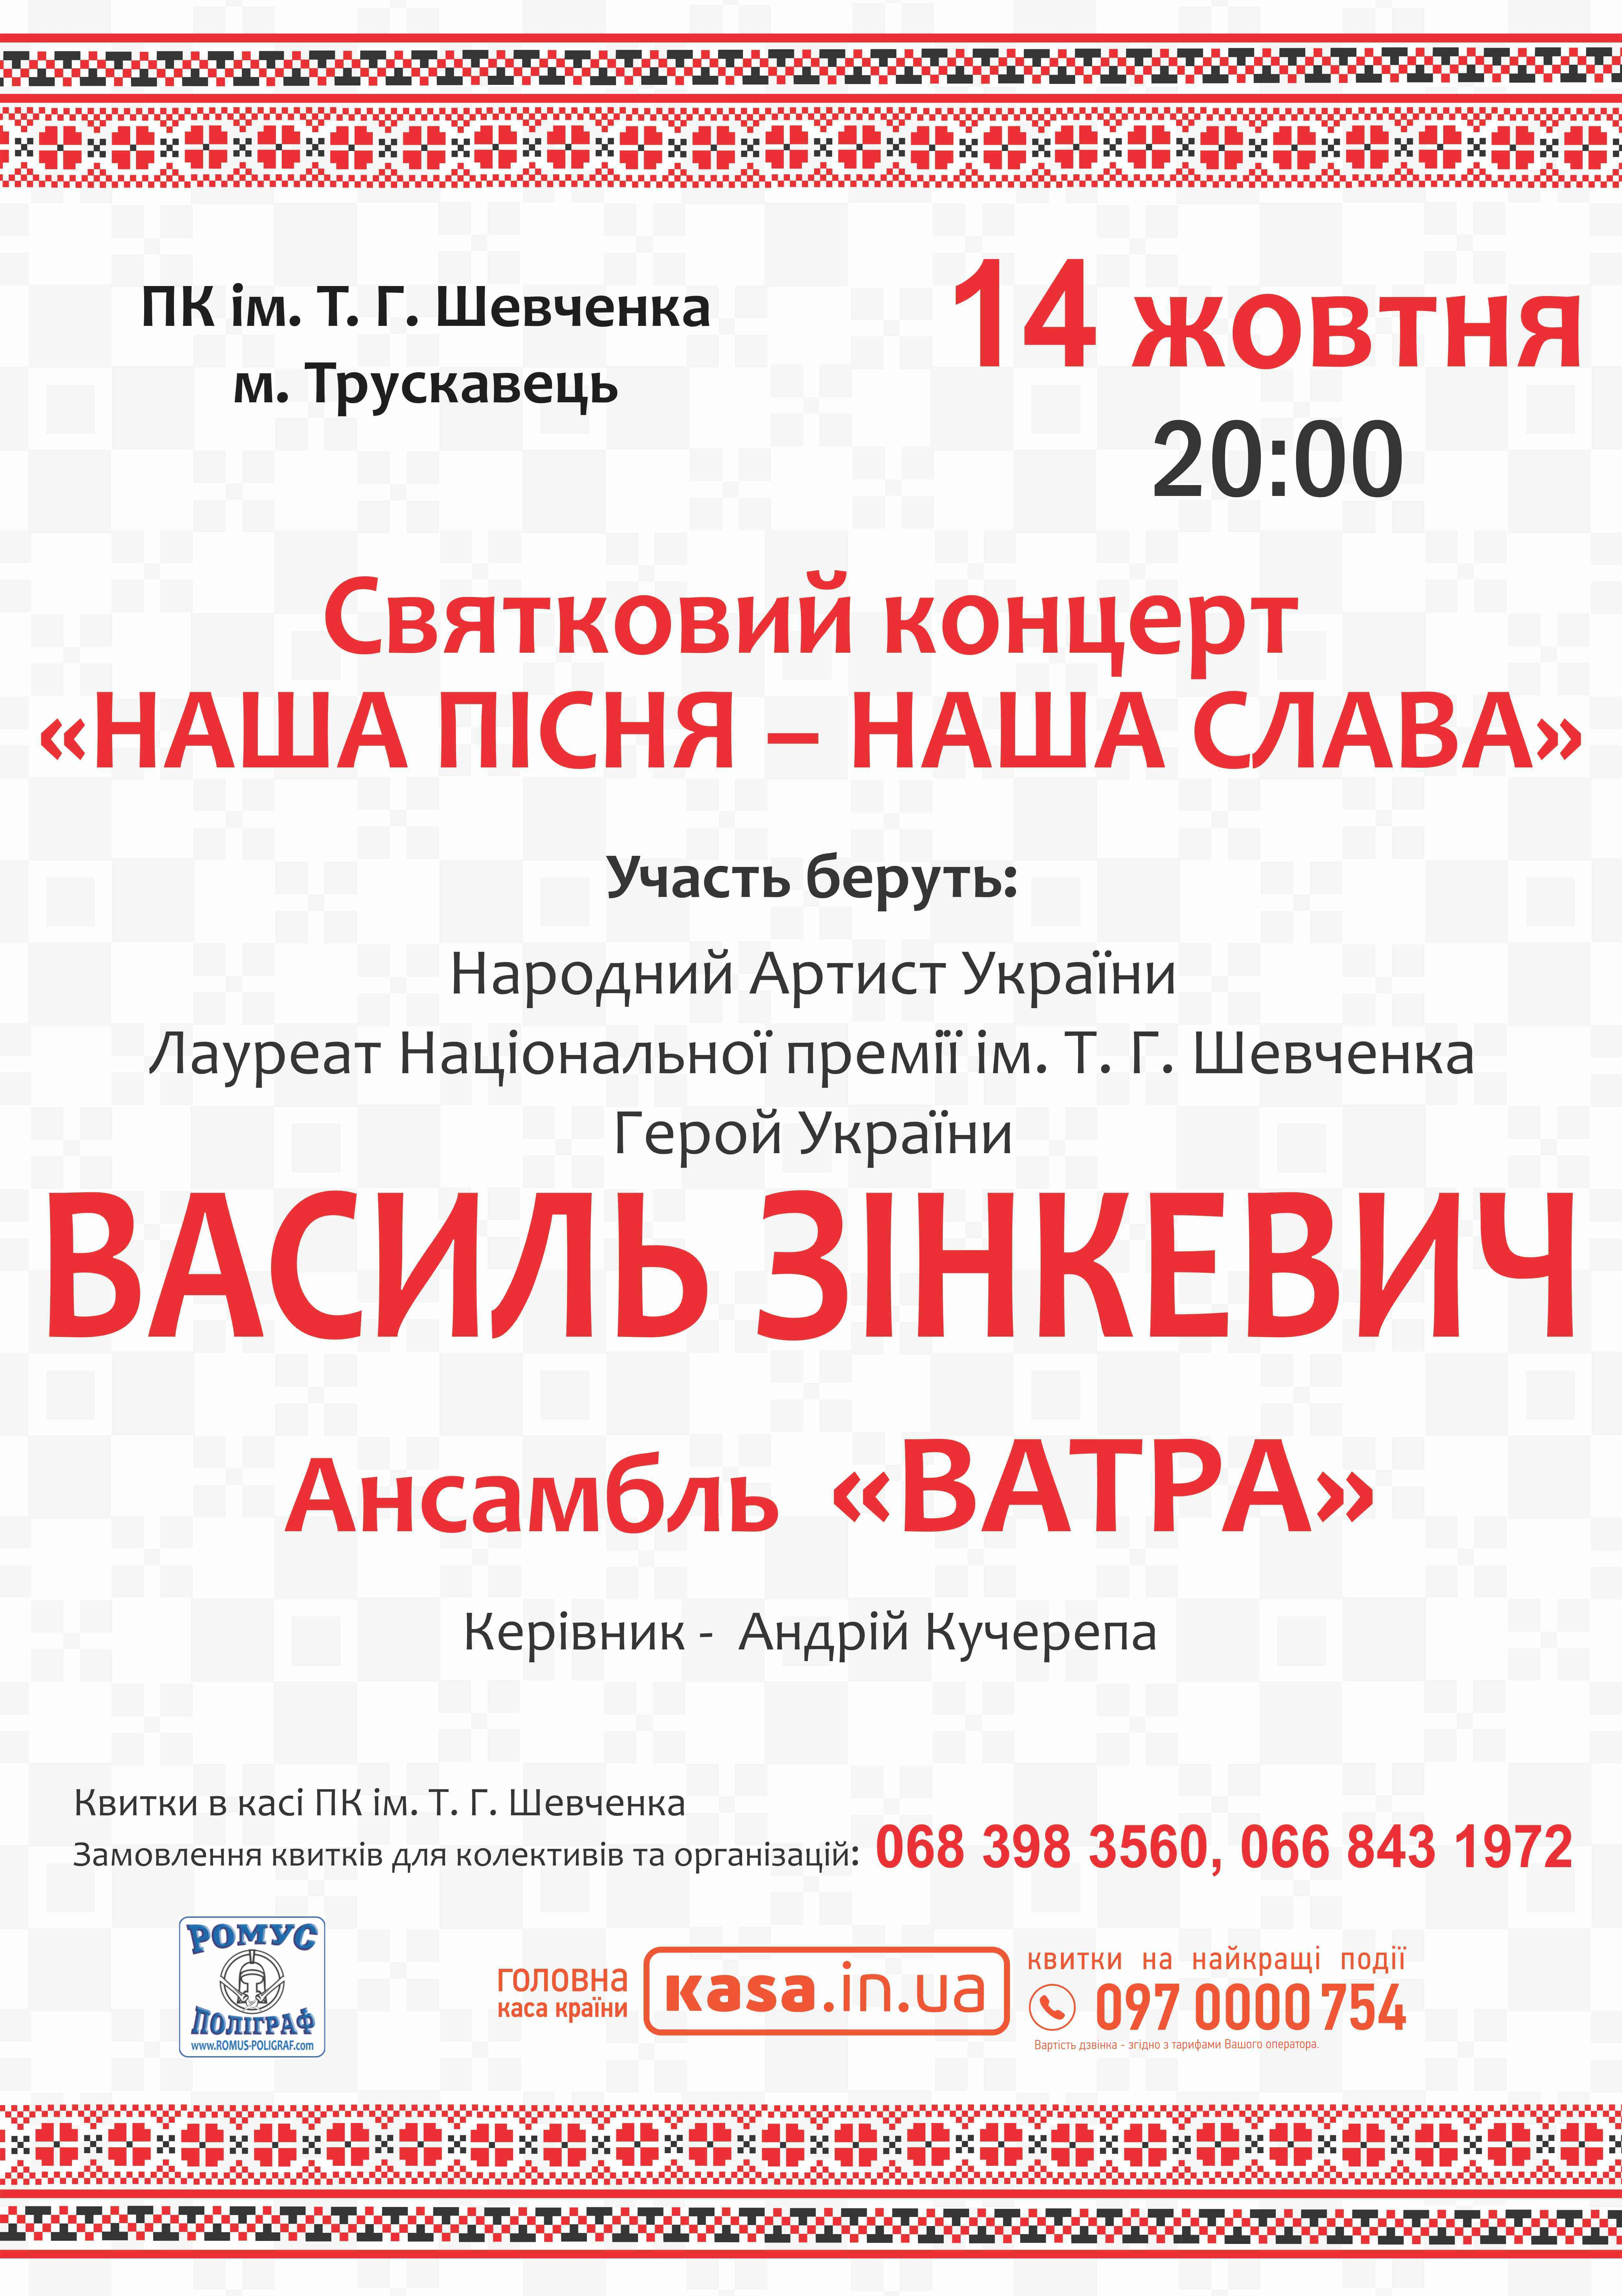 """концертний захід """"Наша пісня-наша слава"""" за участю Василя Зінкевича"""""""